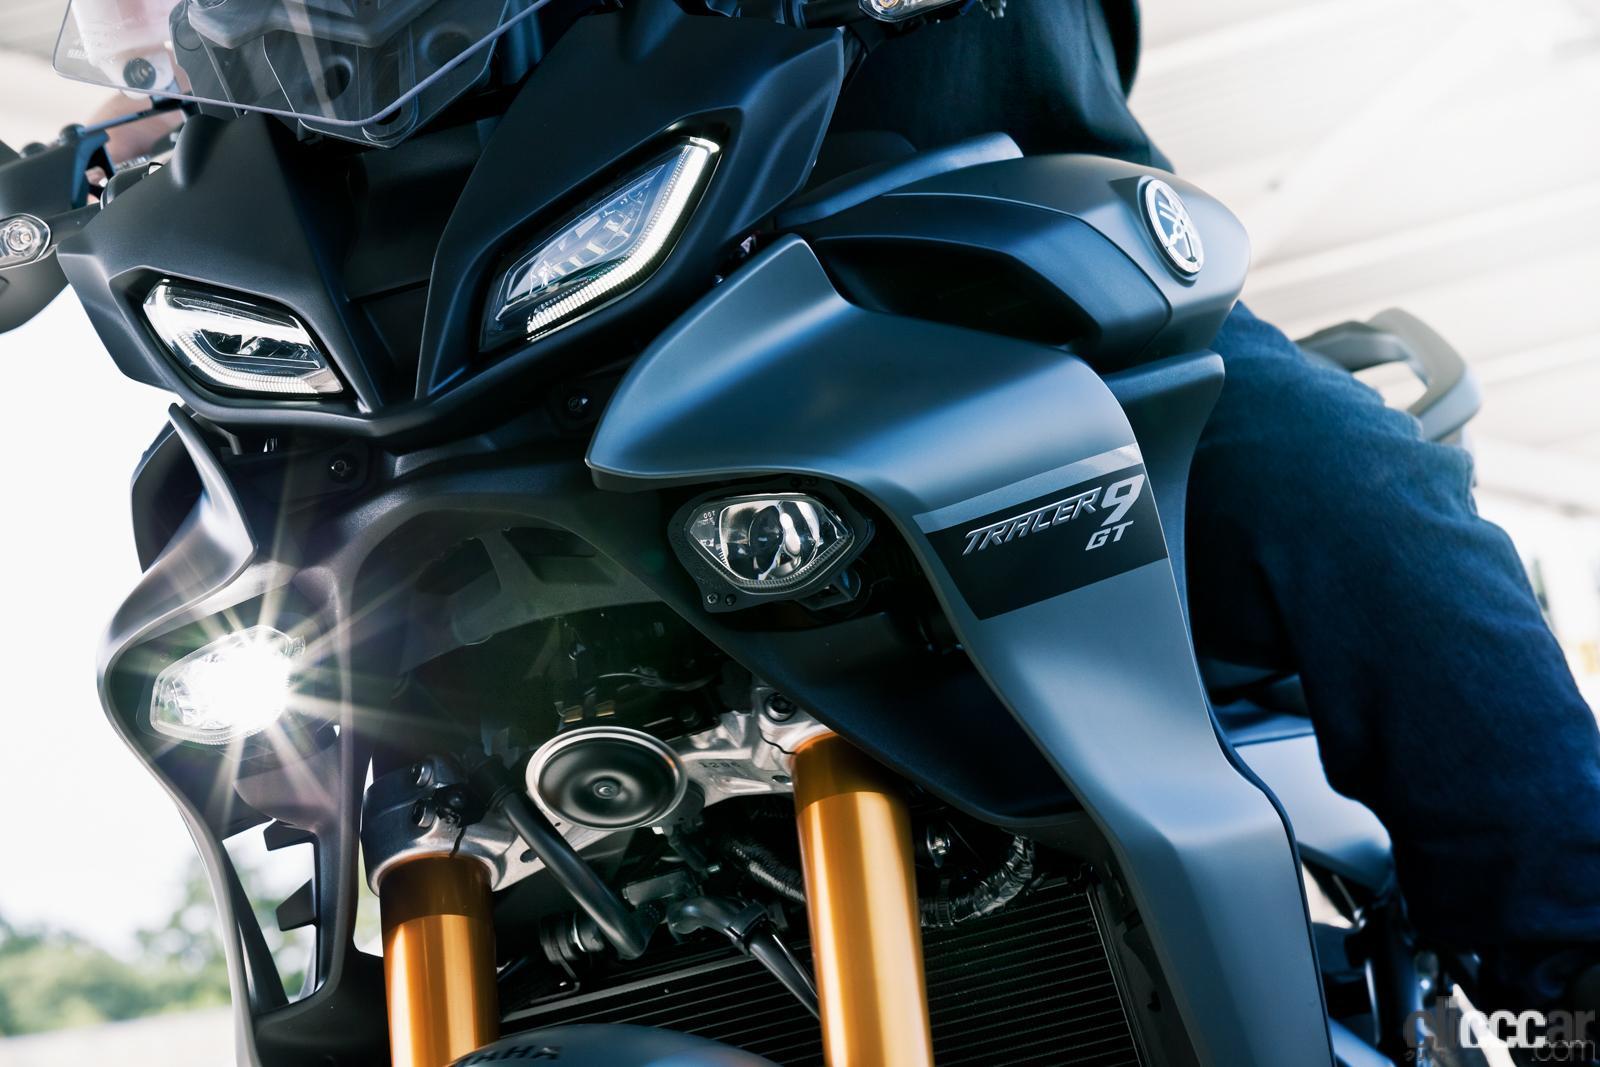 「何キロでも走れる超快適仕様! ヤマハTRACER9 GT ABSは電子制御の恩恵をフルに体感できる高性能スポーツツアラー」の16枚目の画像